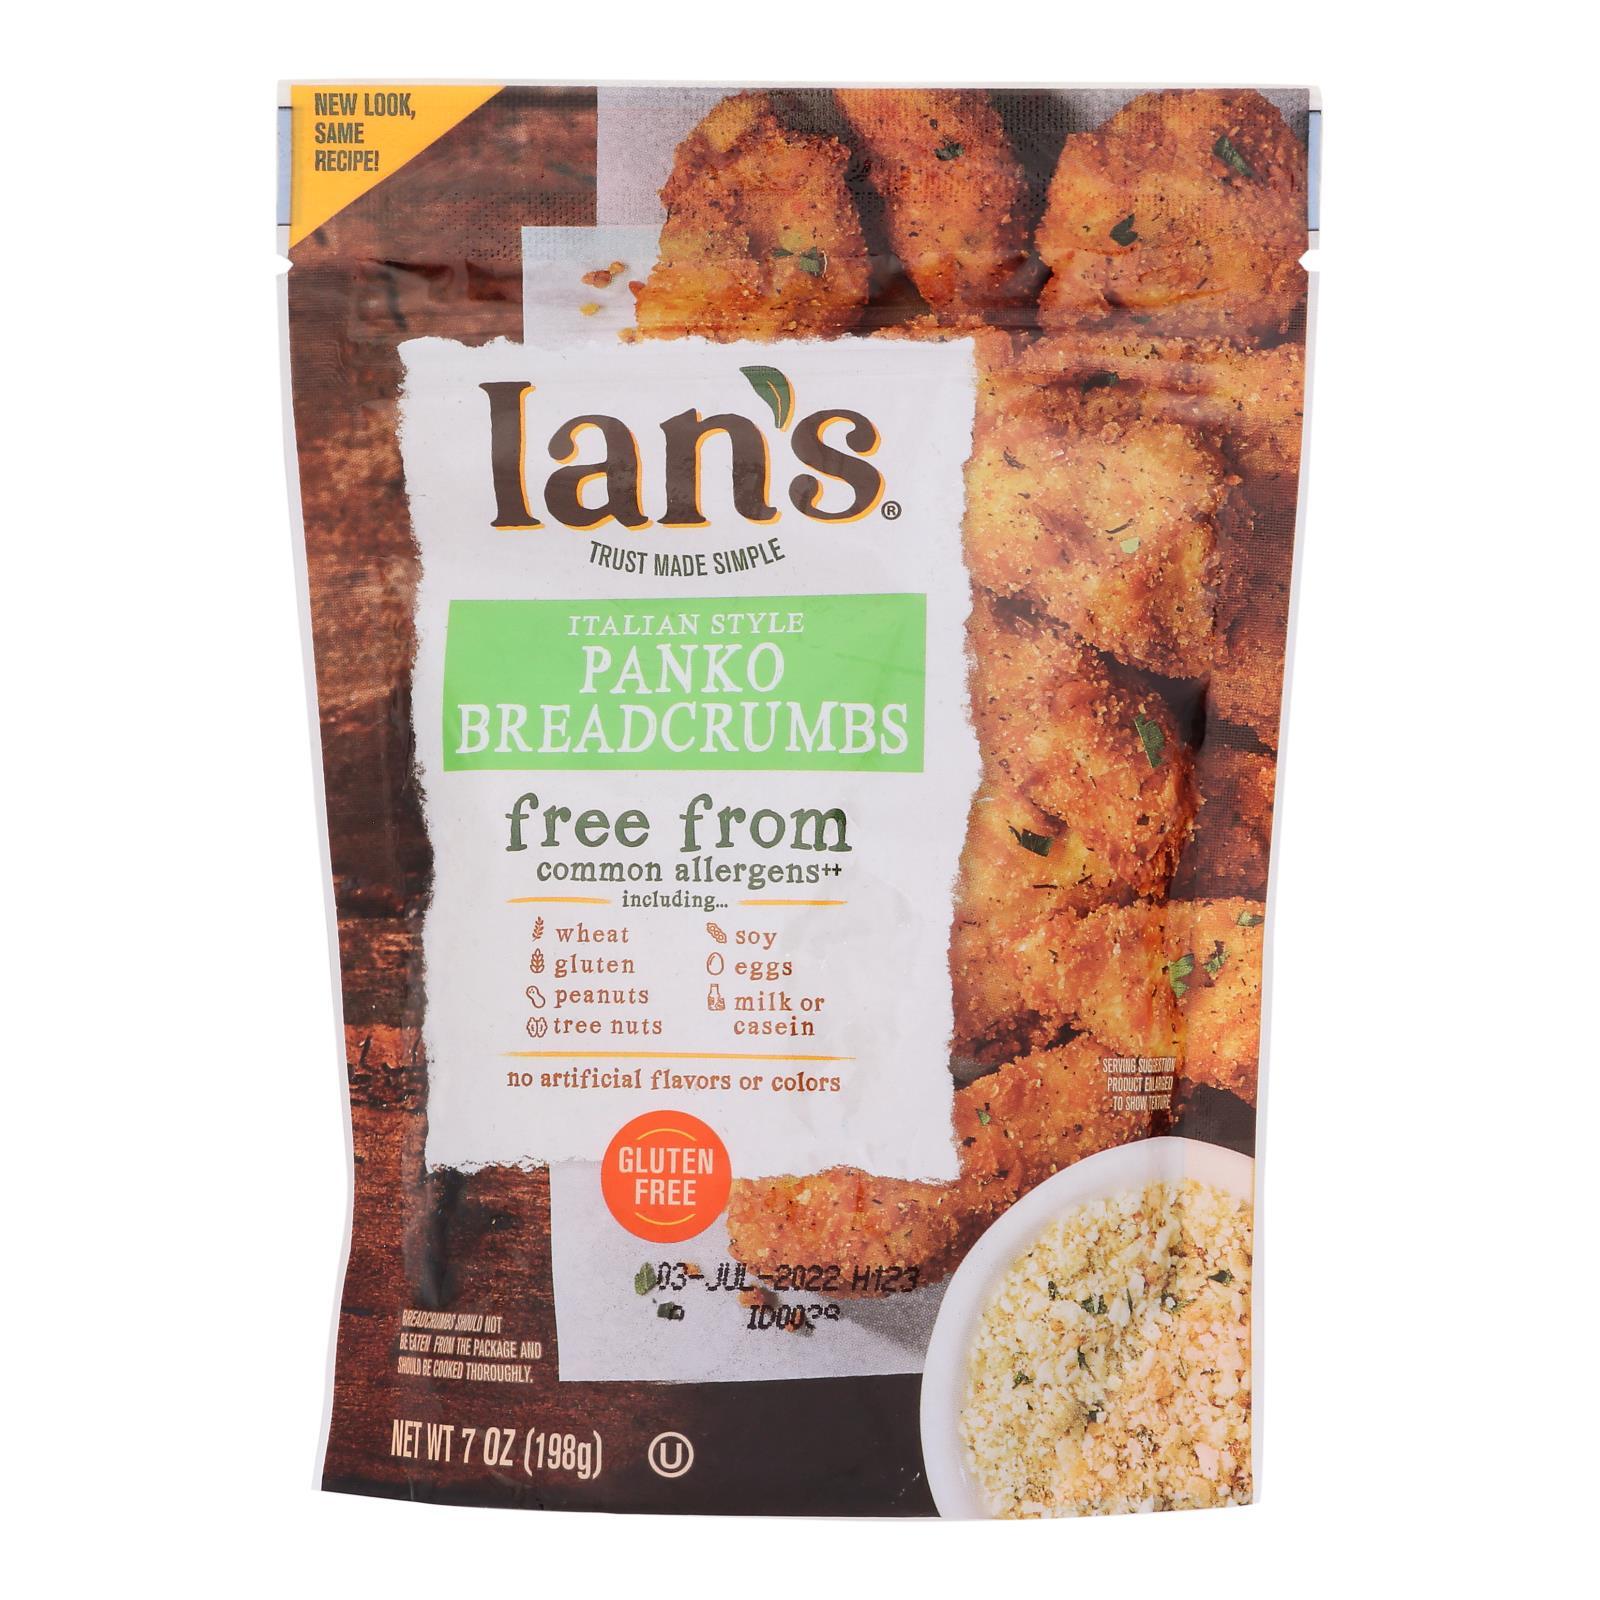 Ians Natural Foods Bread Crumbs - Panko - Italian Style - Gluten Free - 7 oz - case of 8